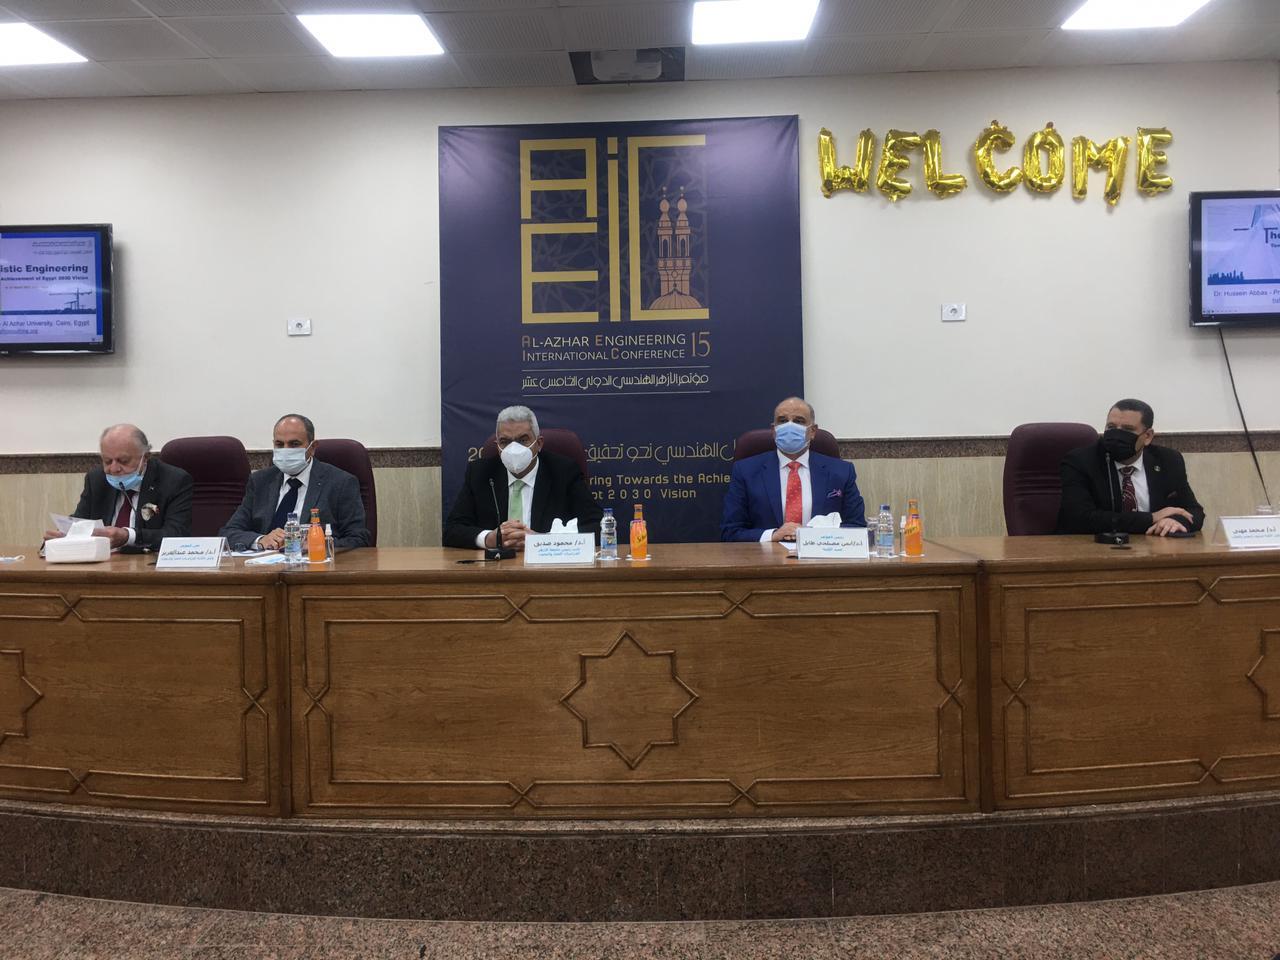 انطلاق فعاليات المؤتمر الدولي الخامس عشر لكلية الهندسة جامعة الأزهر